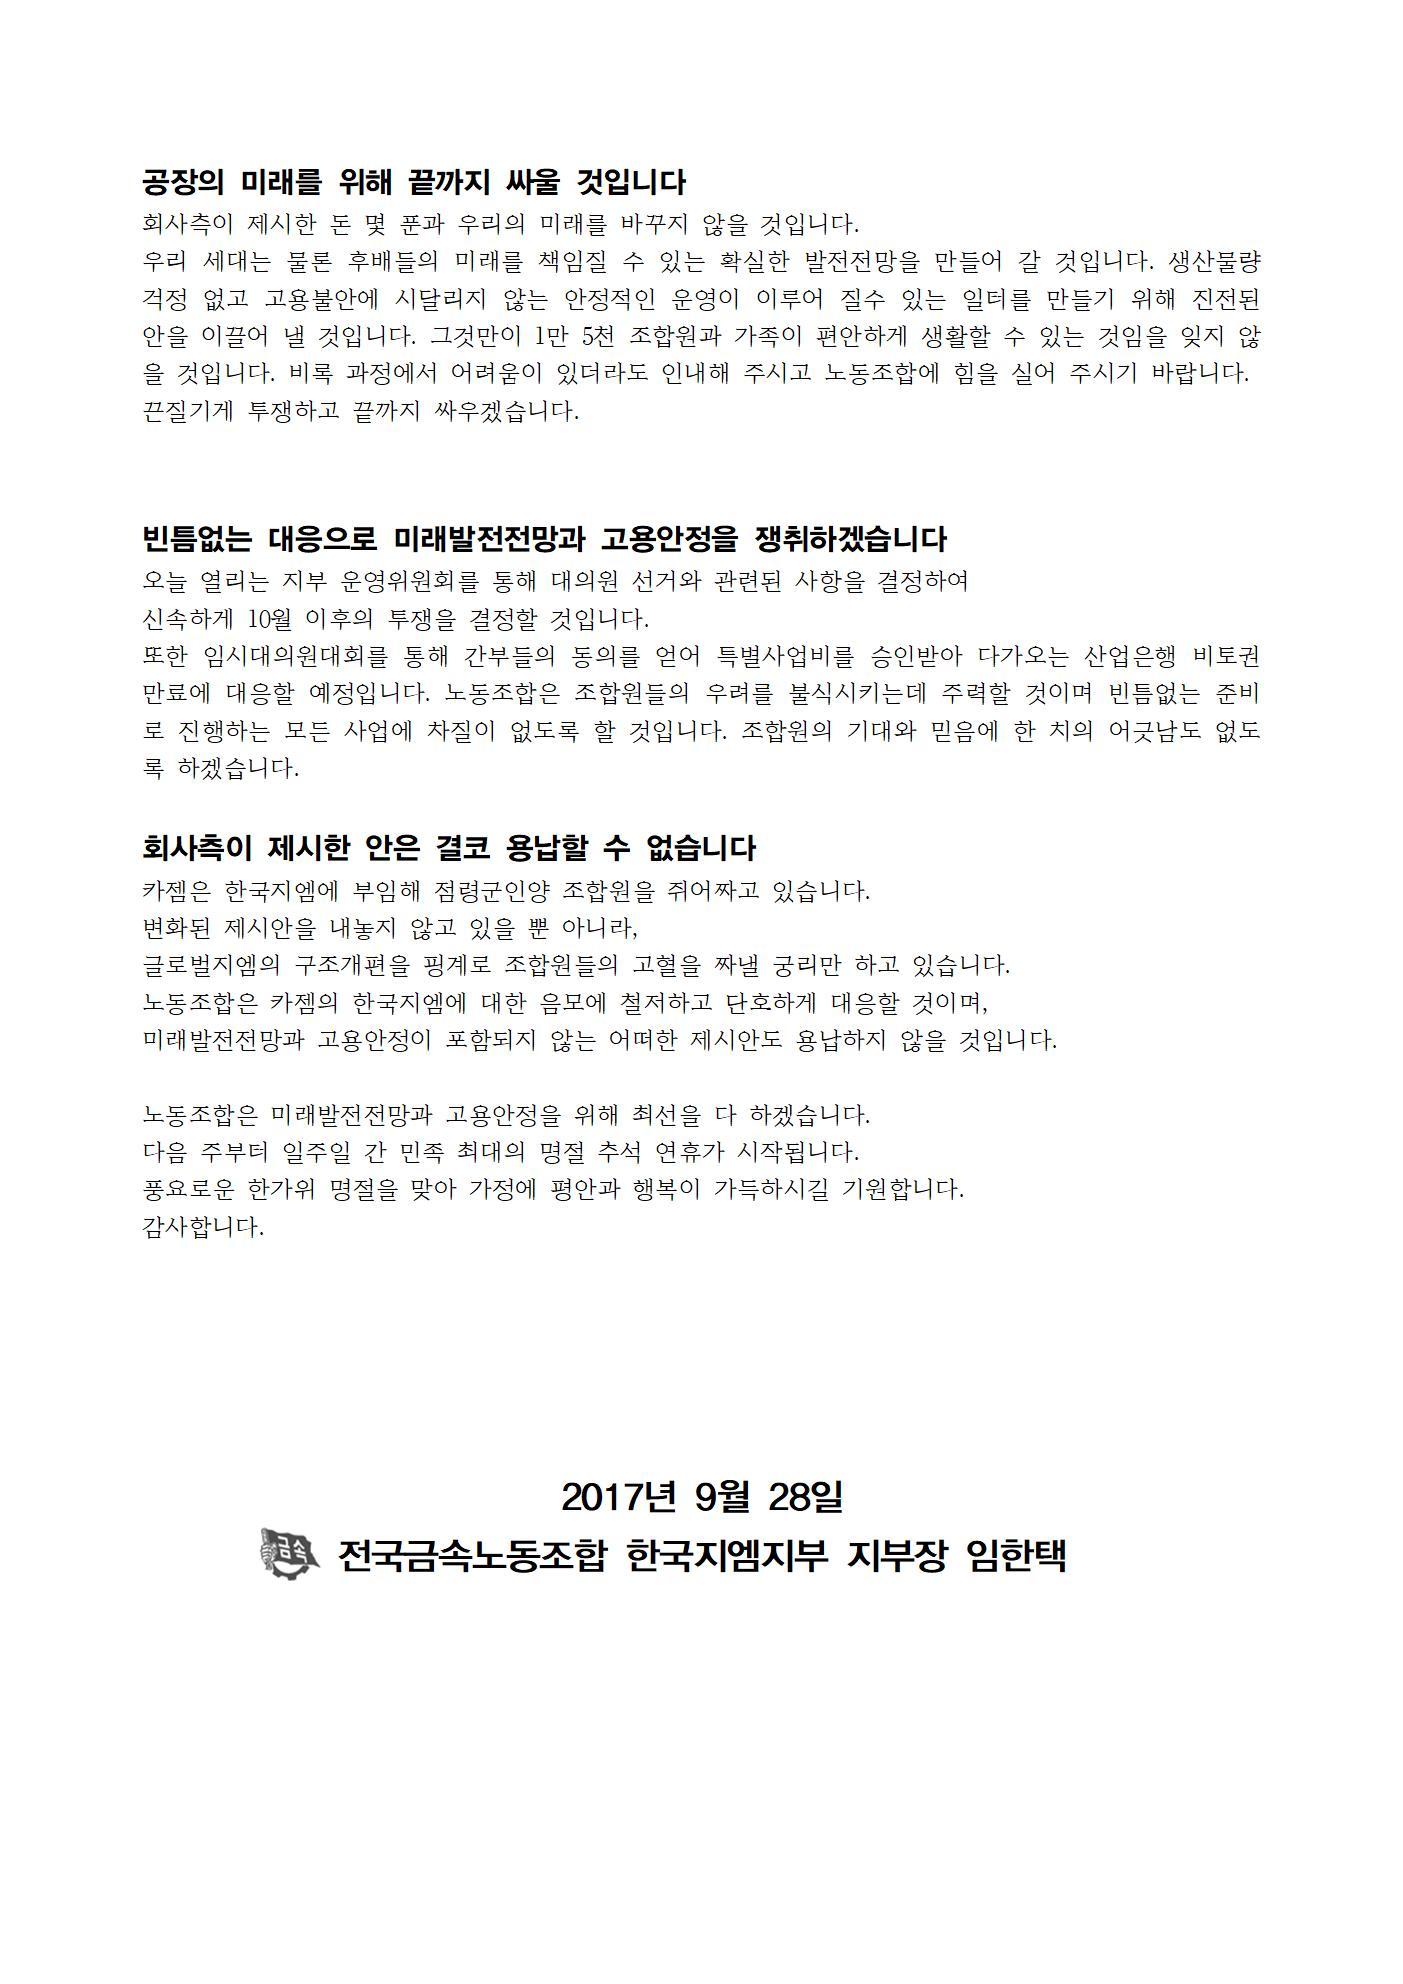 성명서 2017년 9월28일 발행002.jpg